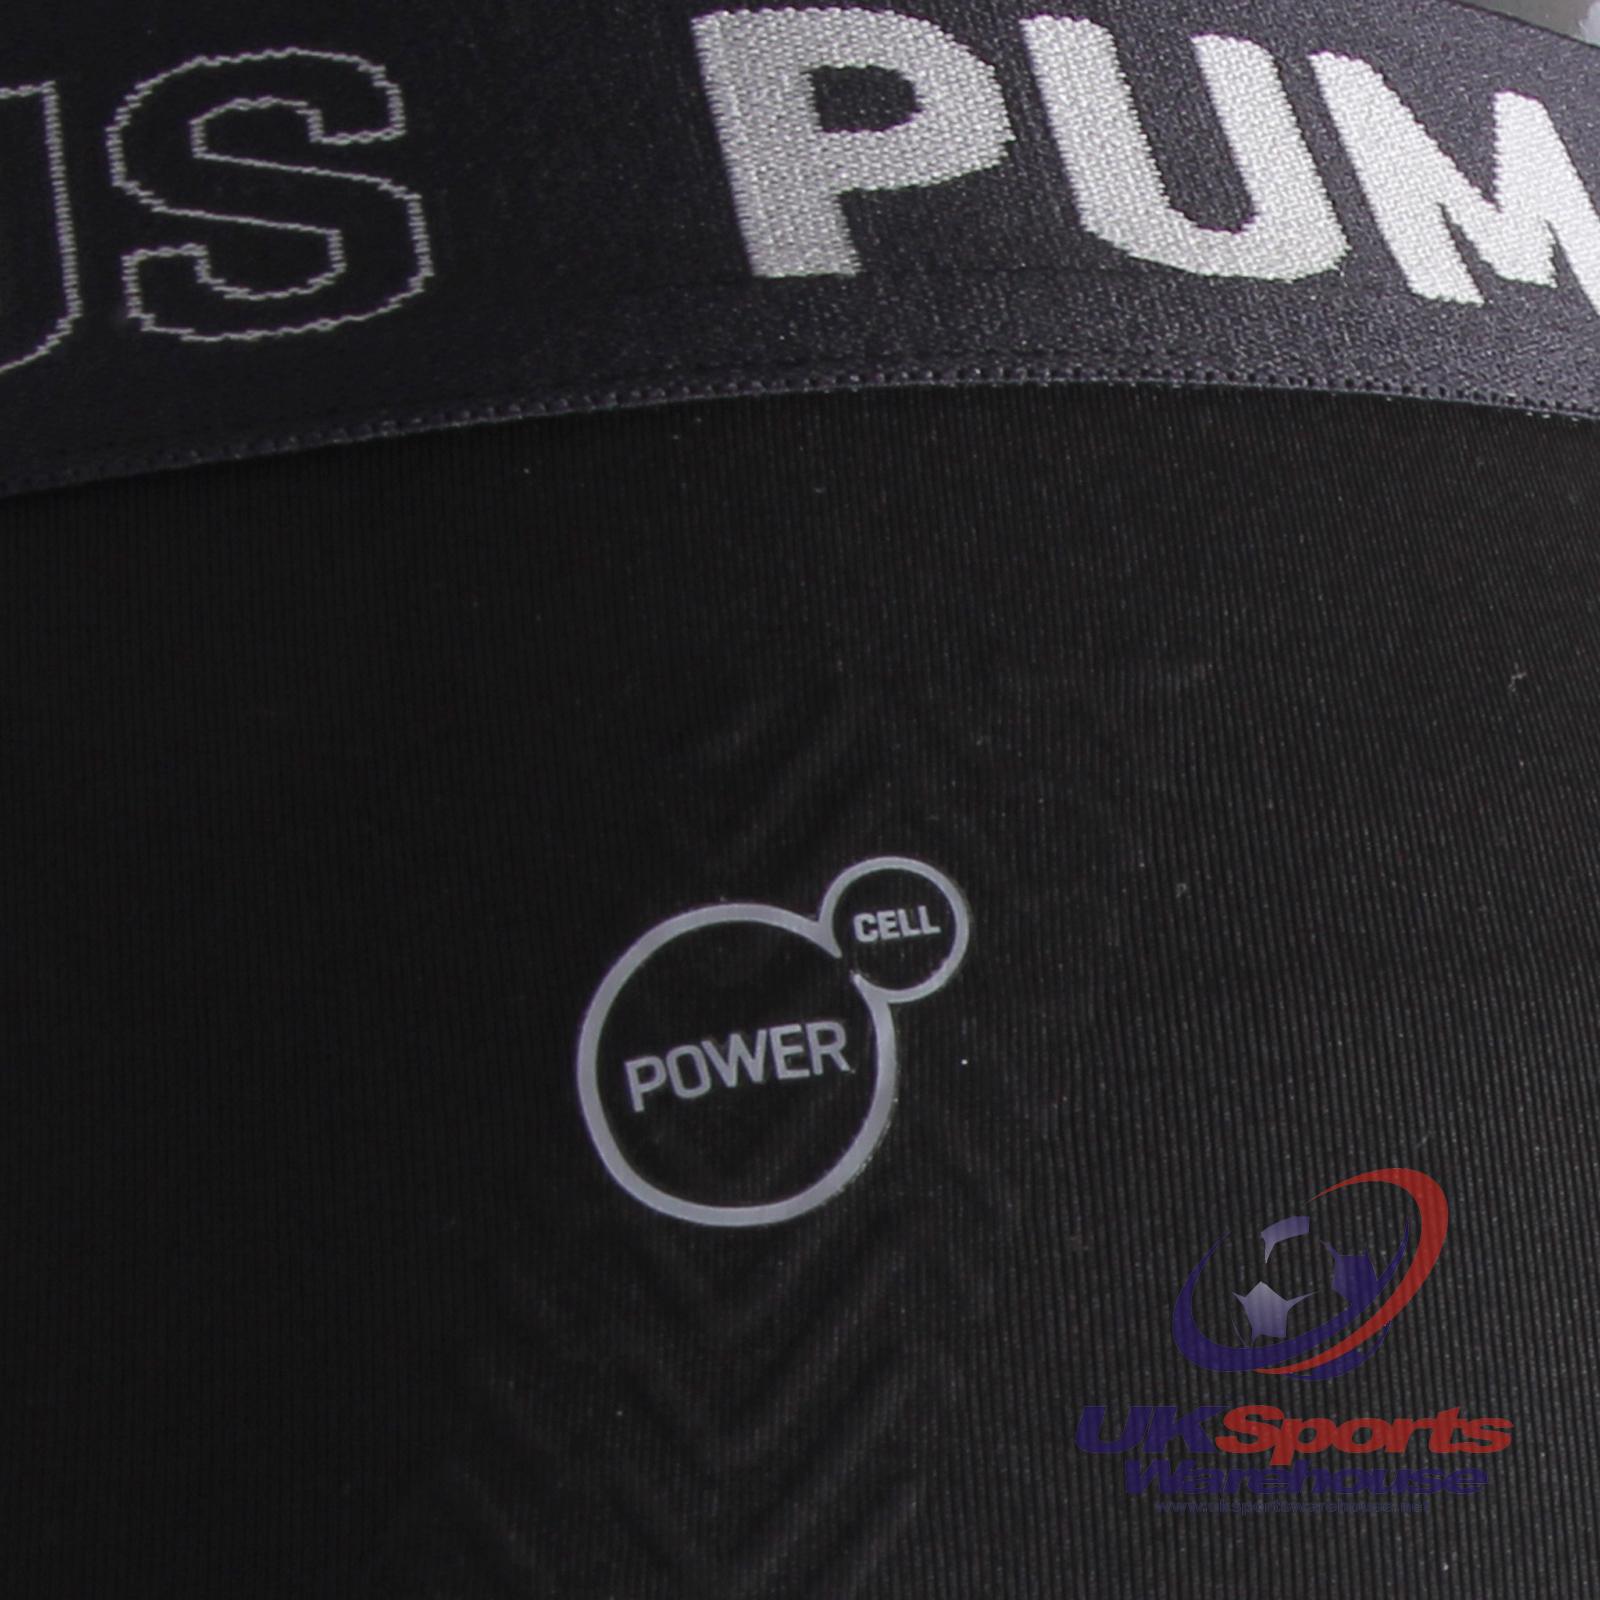 puma power plus actv